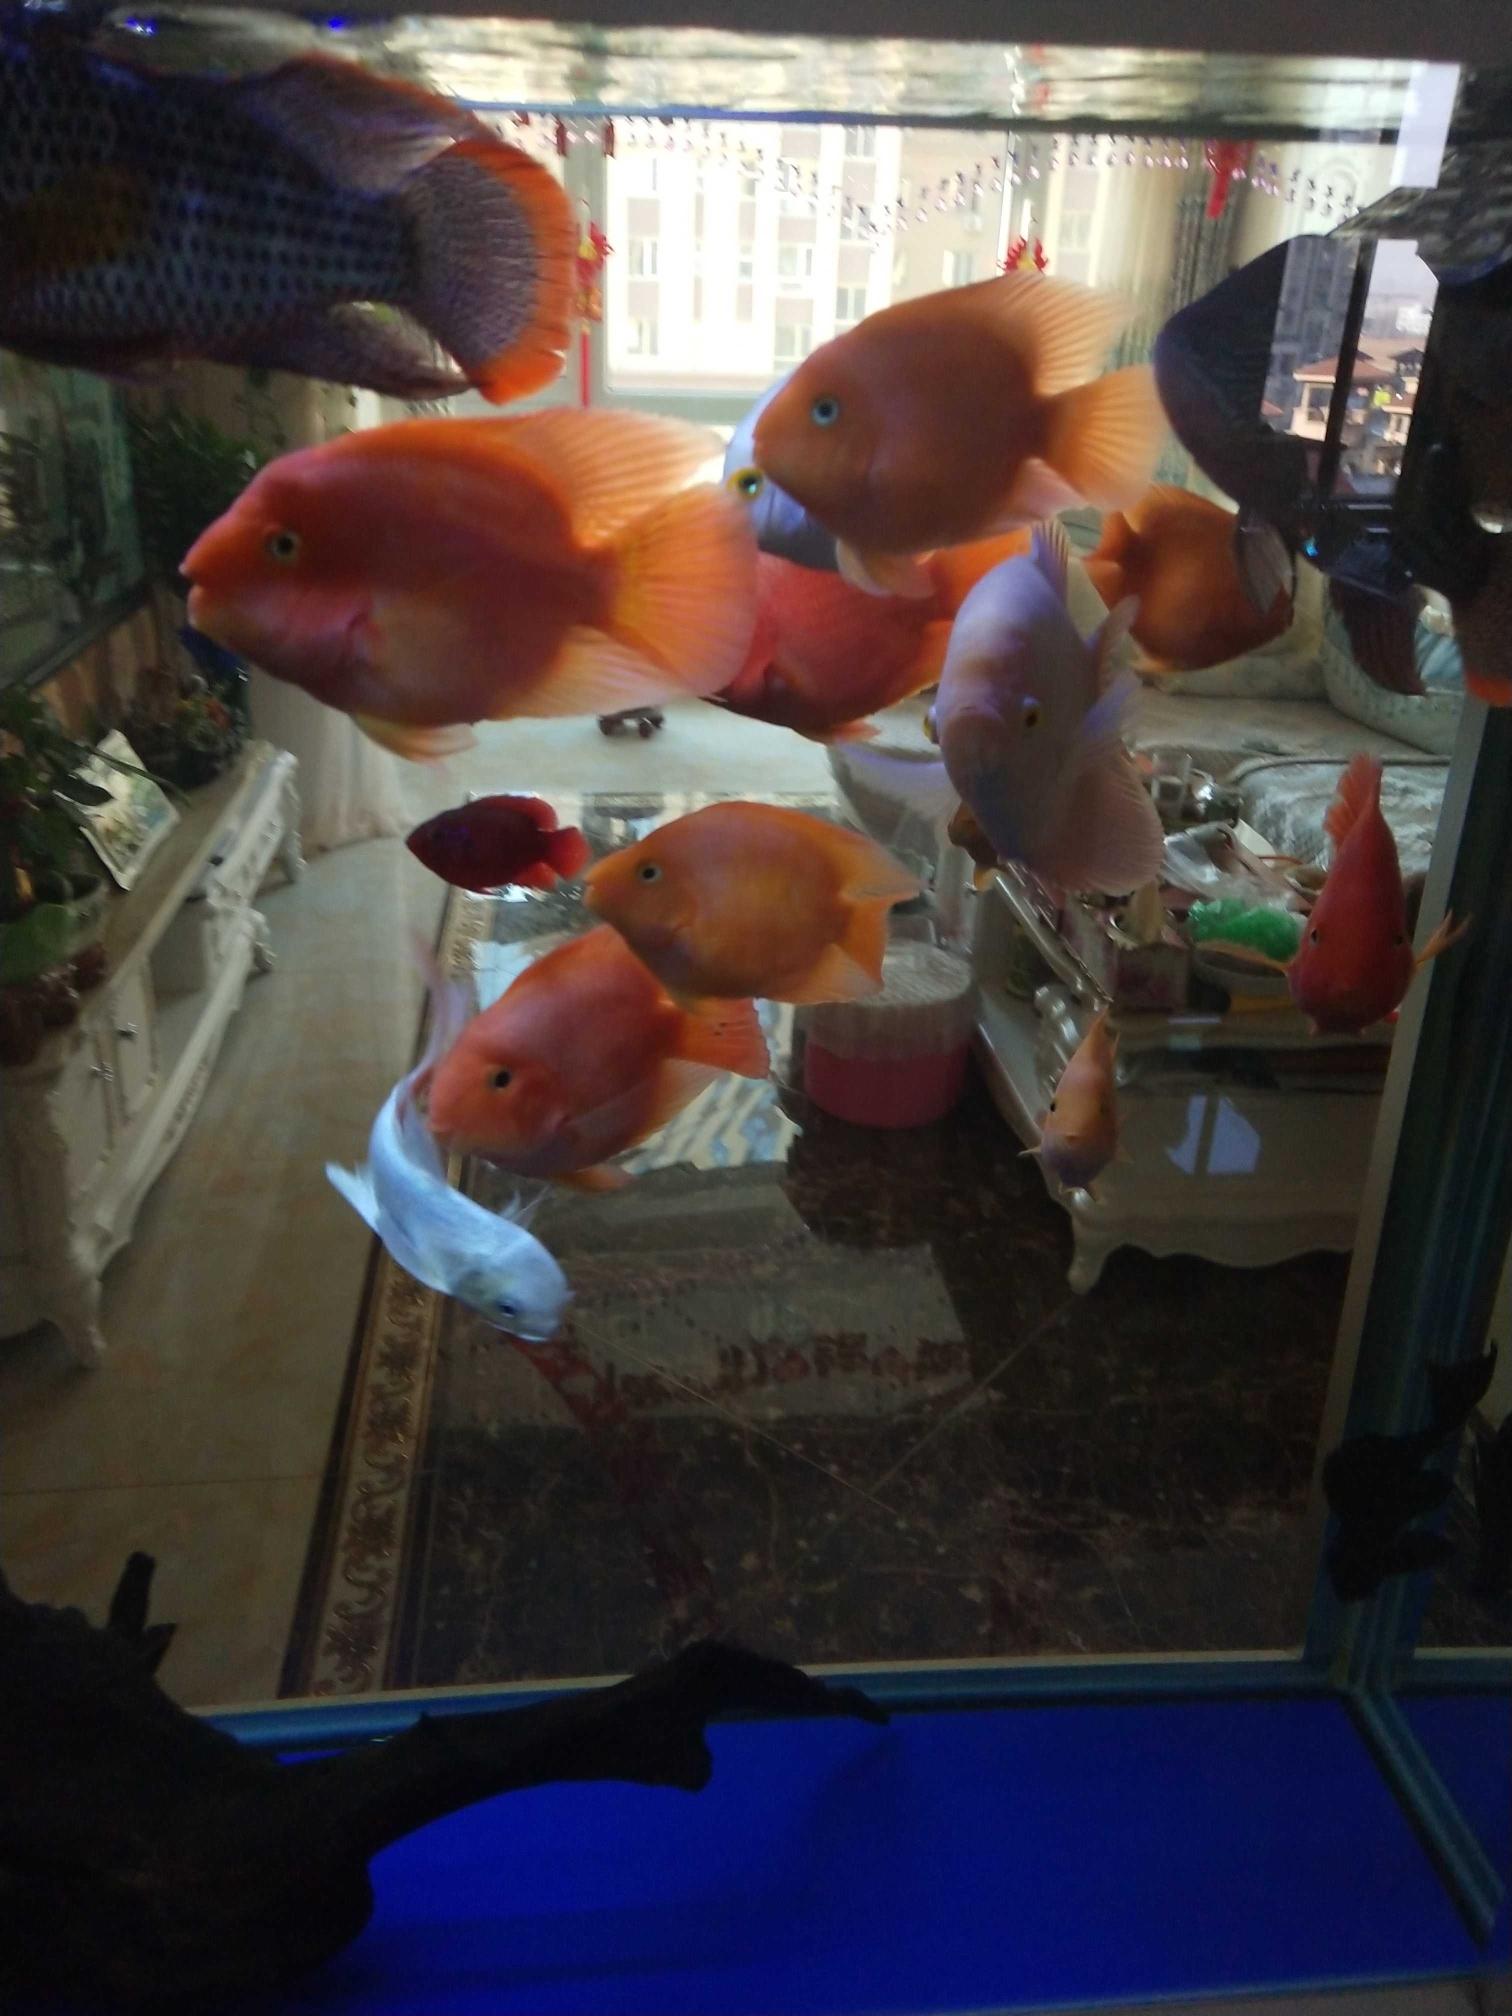 贵阳哪个水族店卖黑桃A鱼大家好,我是的独乐乐众乐乐 贵阳水族批发市场 贵阳龙鱼第9张